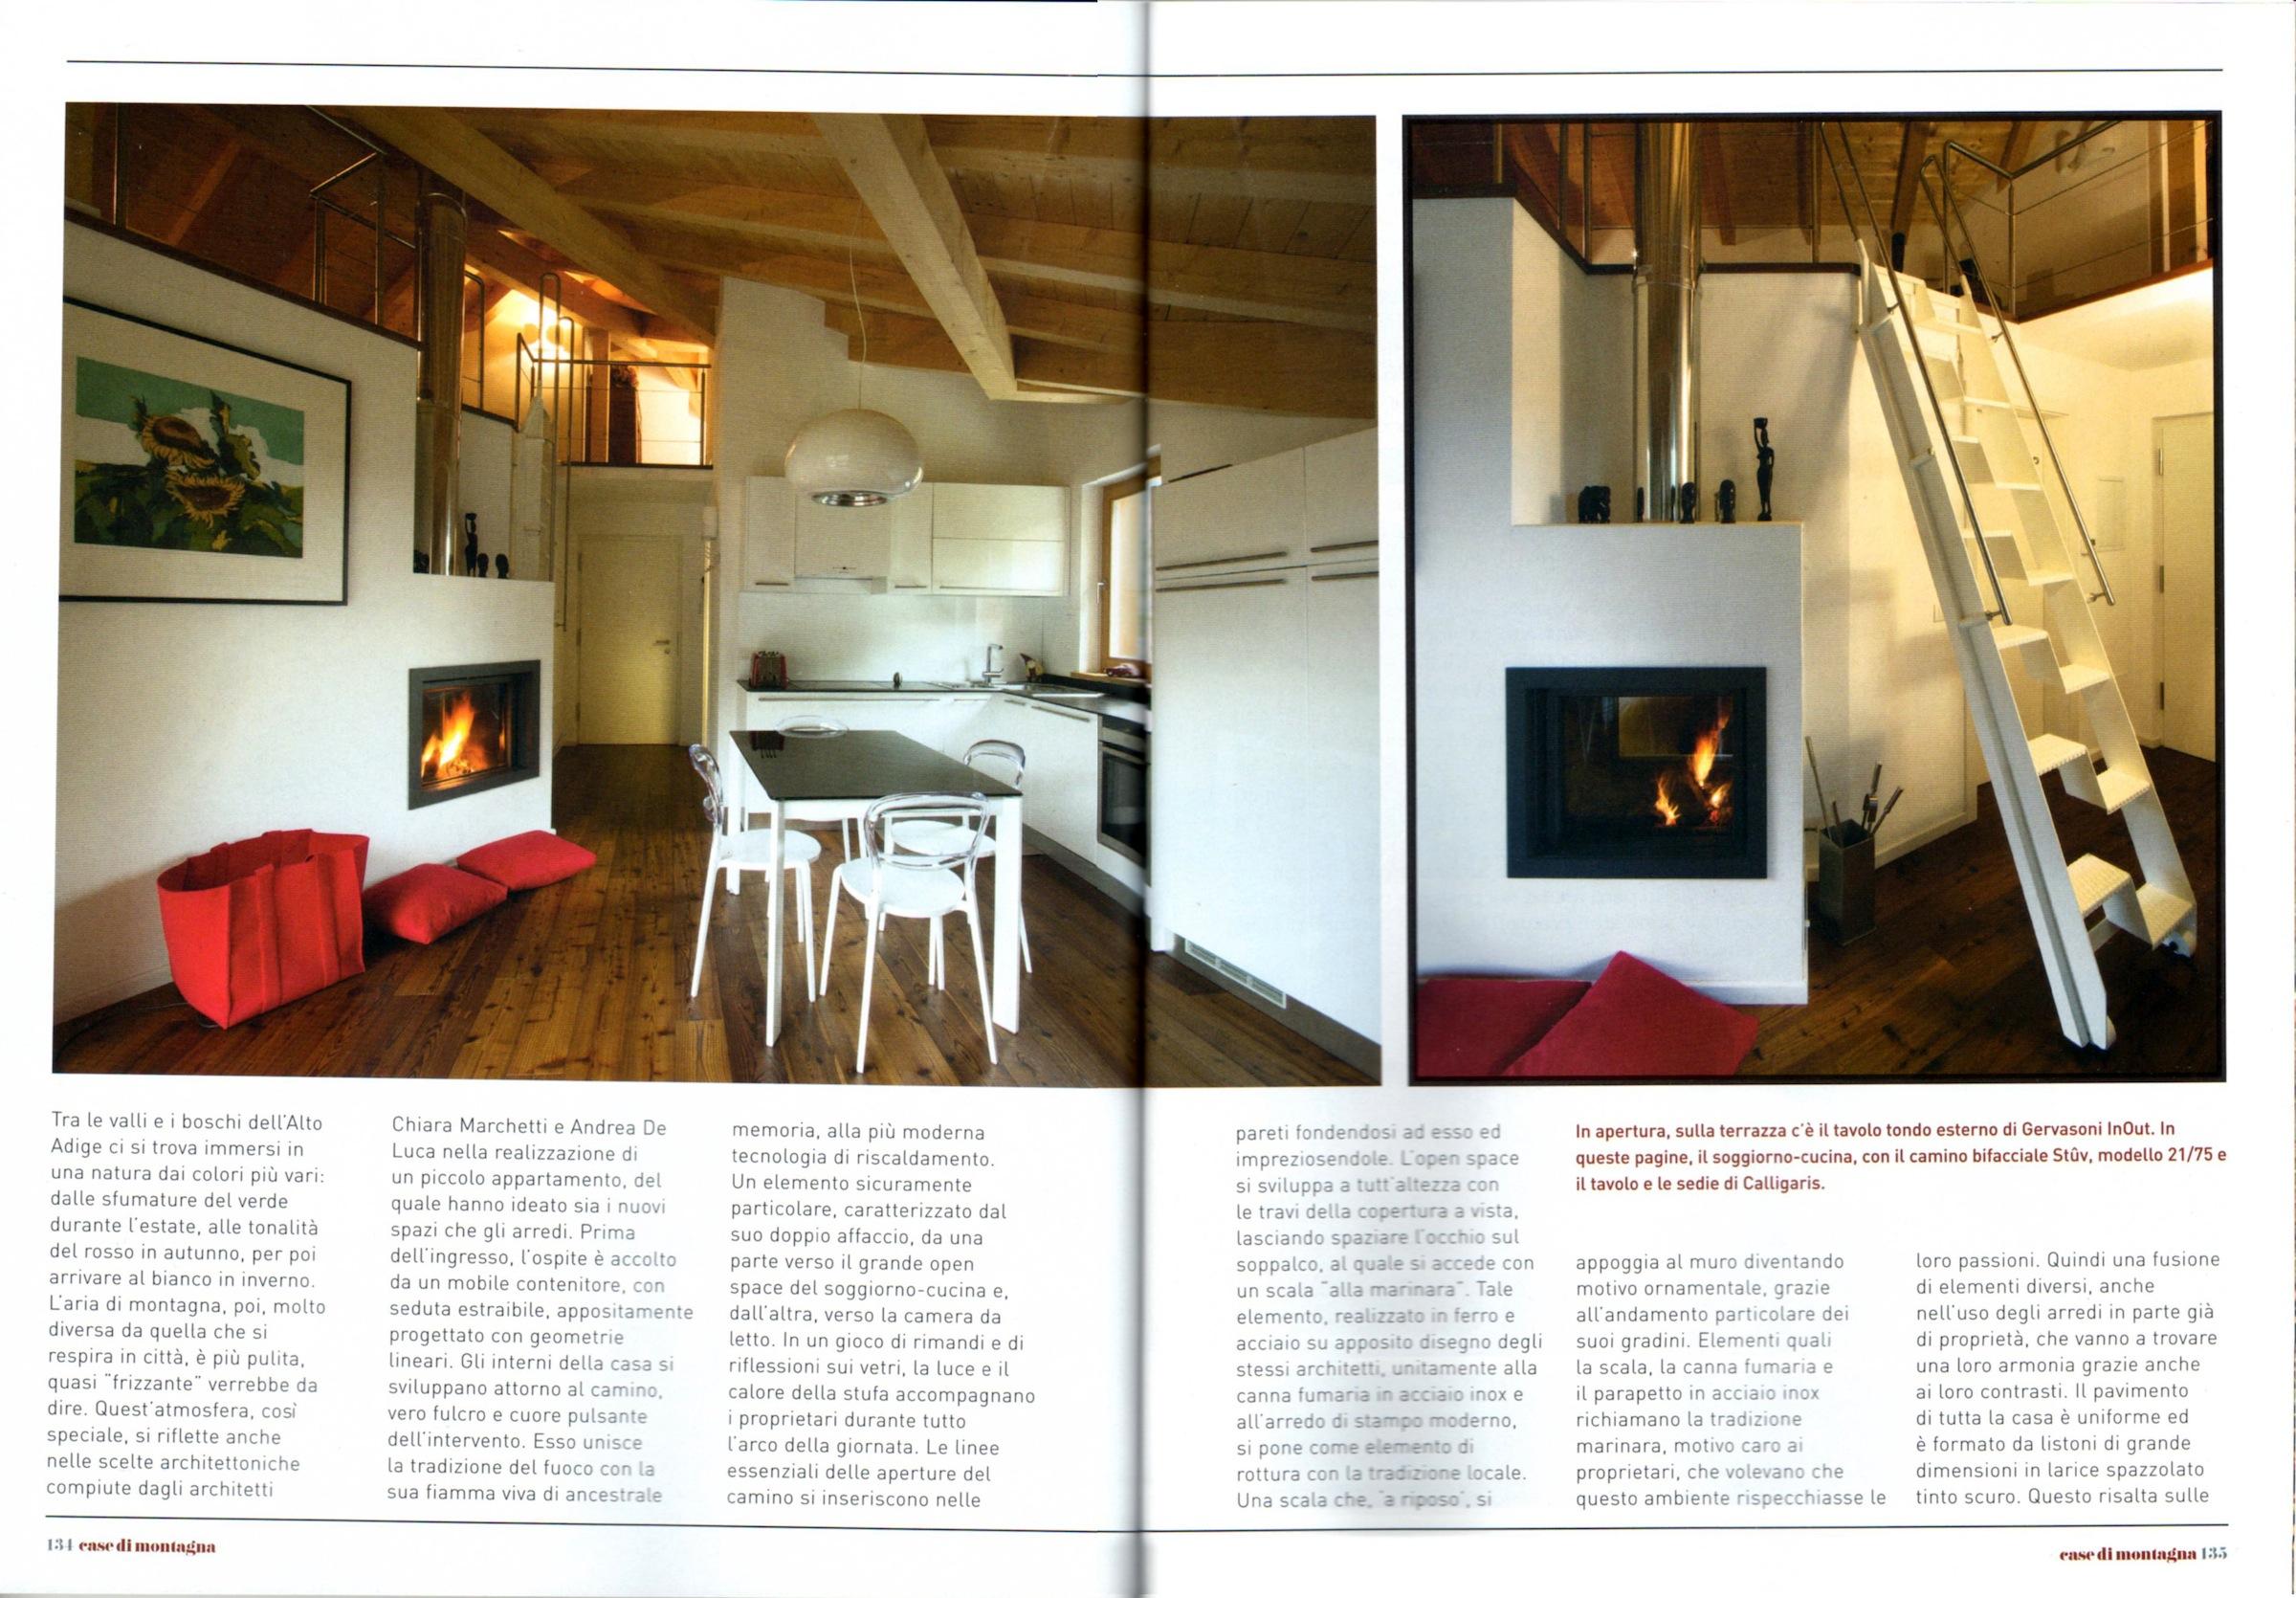 Ville casali medeaa marchetti e de luca architetti udine for Piccole case di montagna